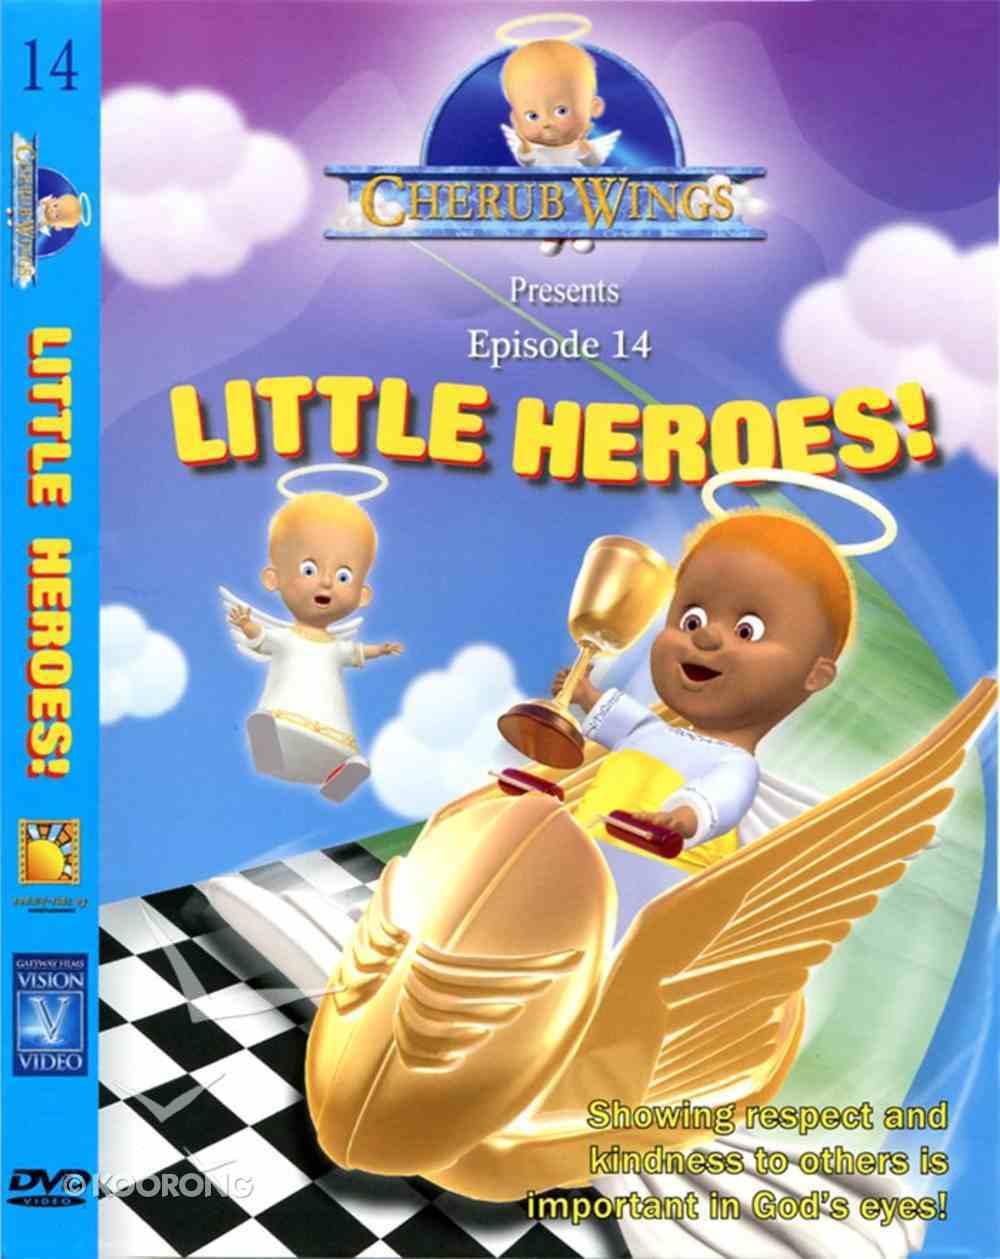 Little Heroes (#14 in Cherub Wings (Dvd) Series) DVD